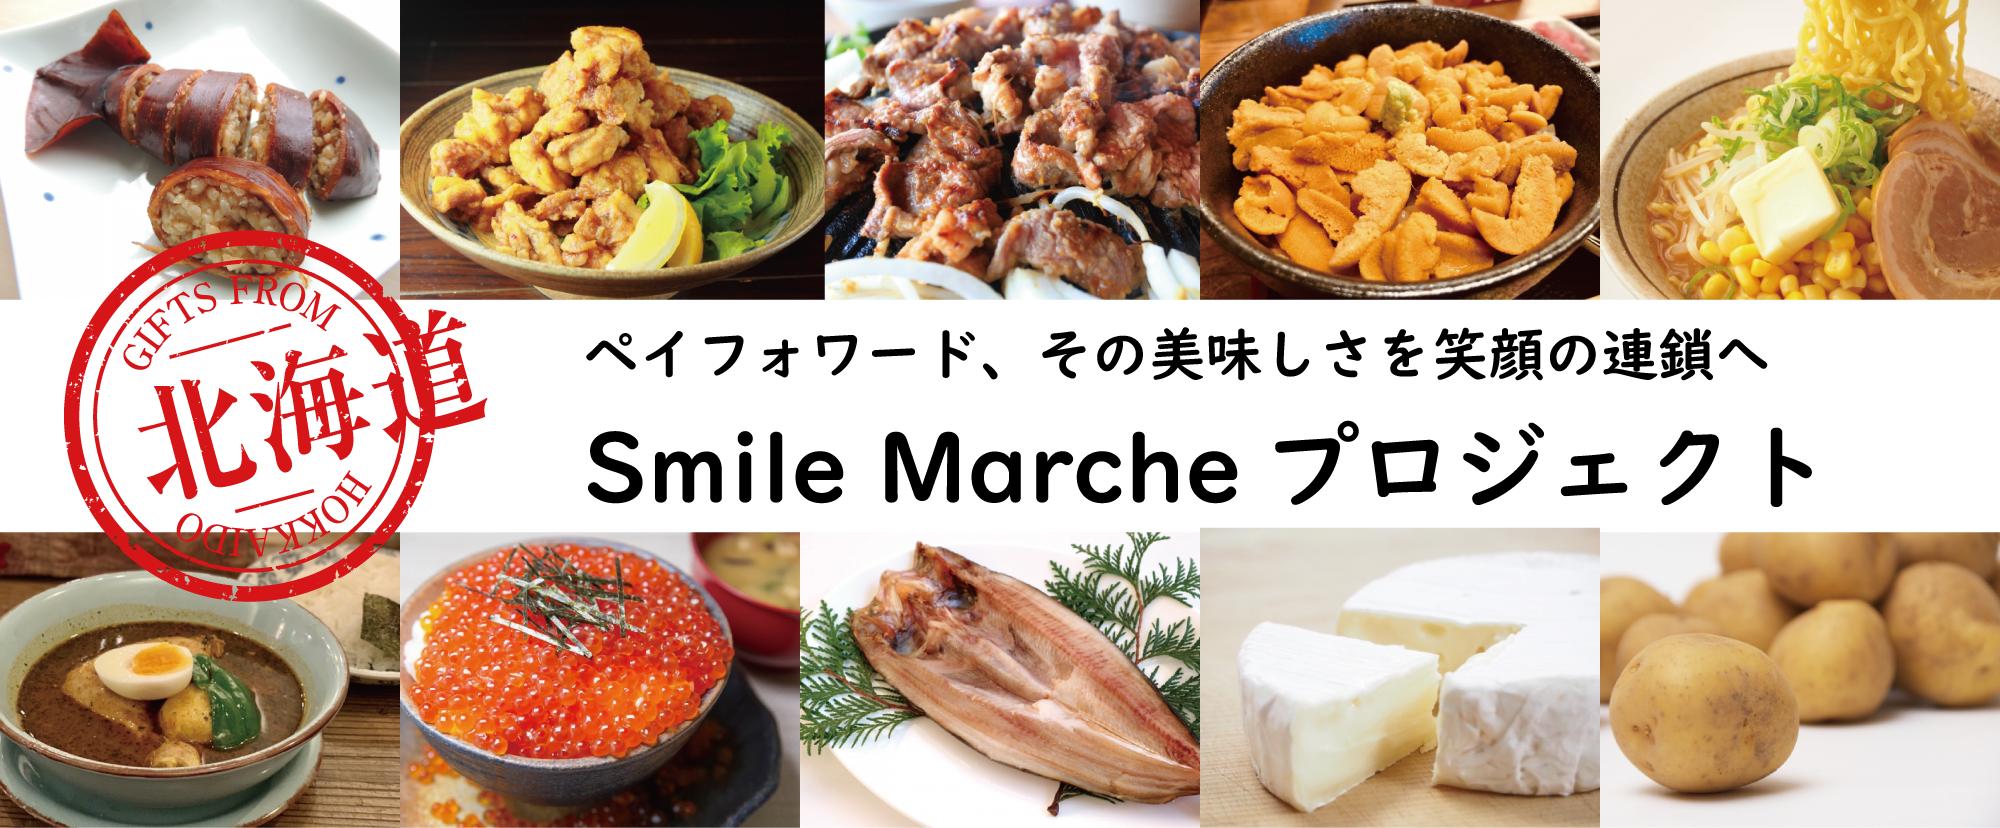 北海道の食品事業者の支援「SmileMarcheプロジェクト」発足